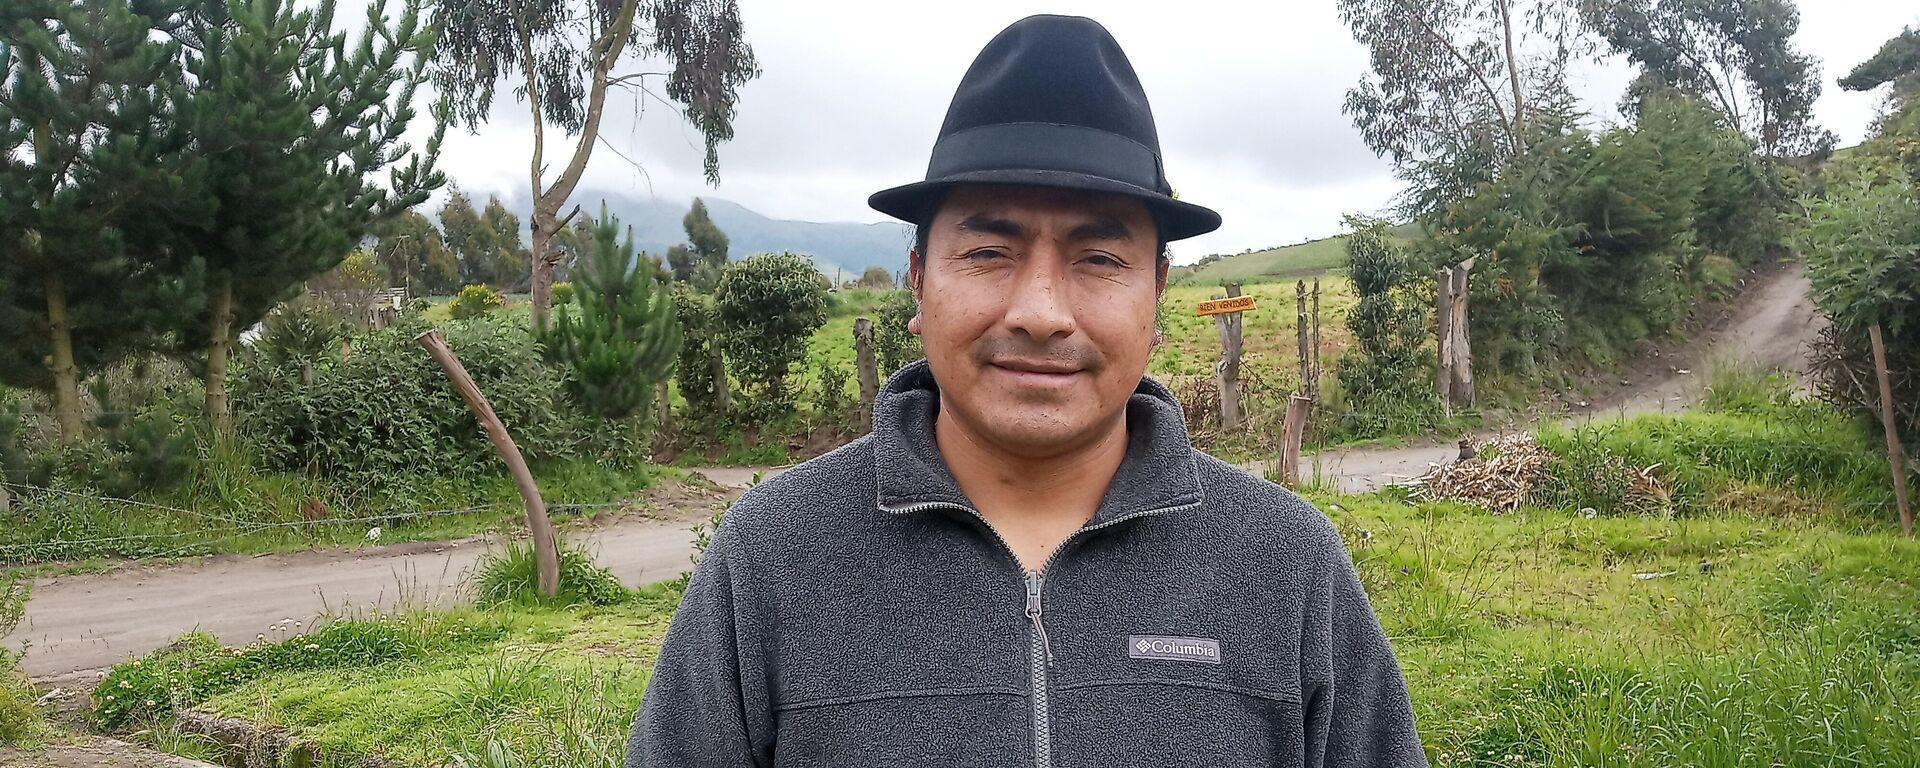 Leonidas Iza, dirigente del Movimiento Indígena Campesino de Cotopaxi - Sputnik Mundo, 1920, 26.08.2021